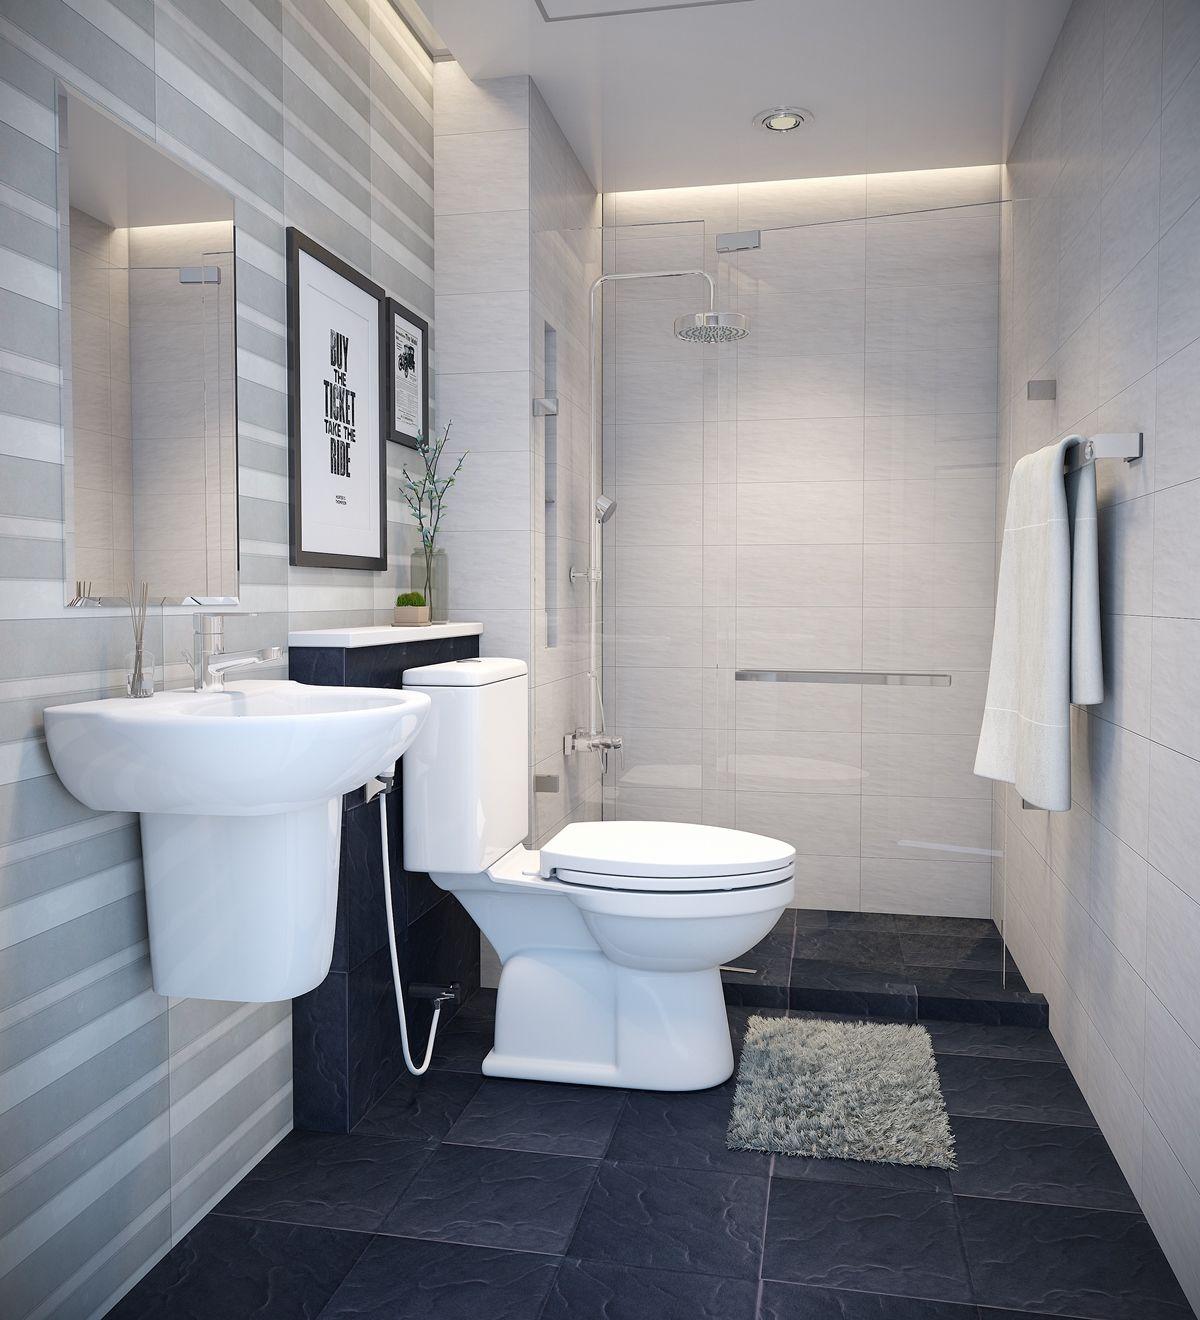 Thiết kế phòng tắm nhà cấp 4 đơn giản và tiện lợi